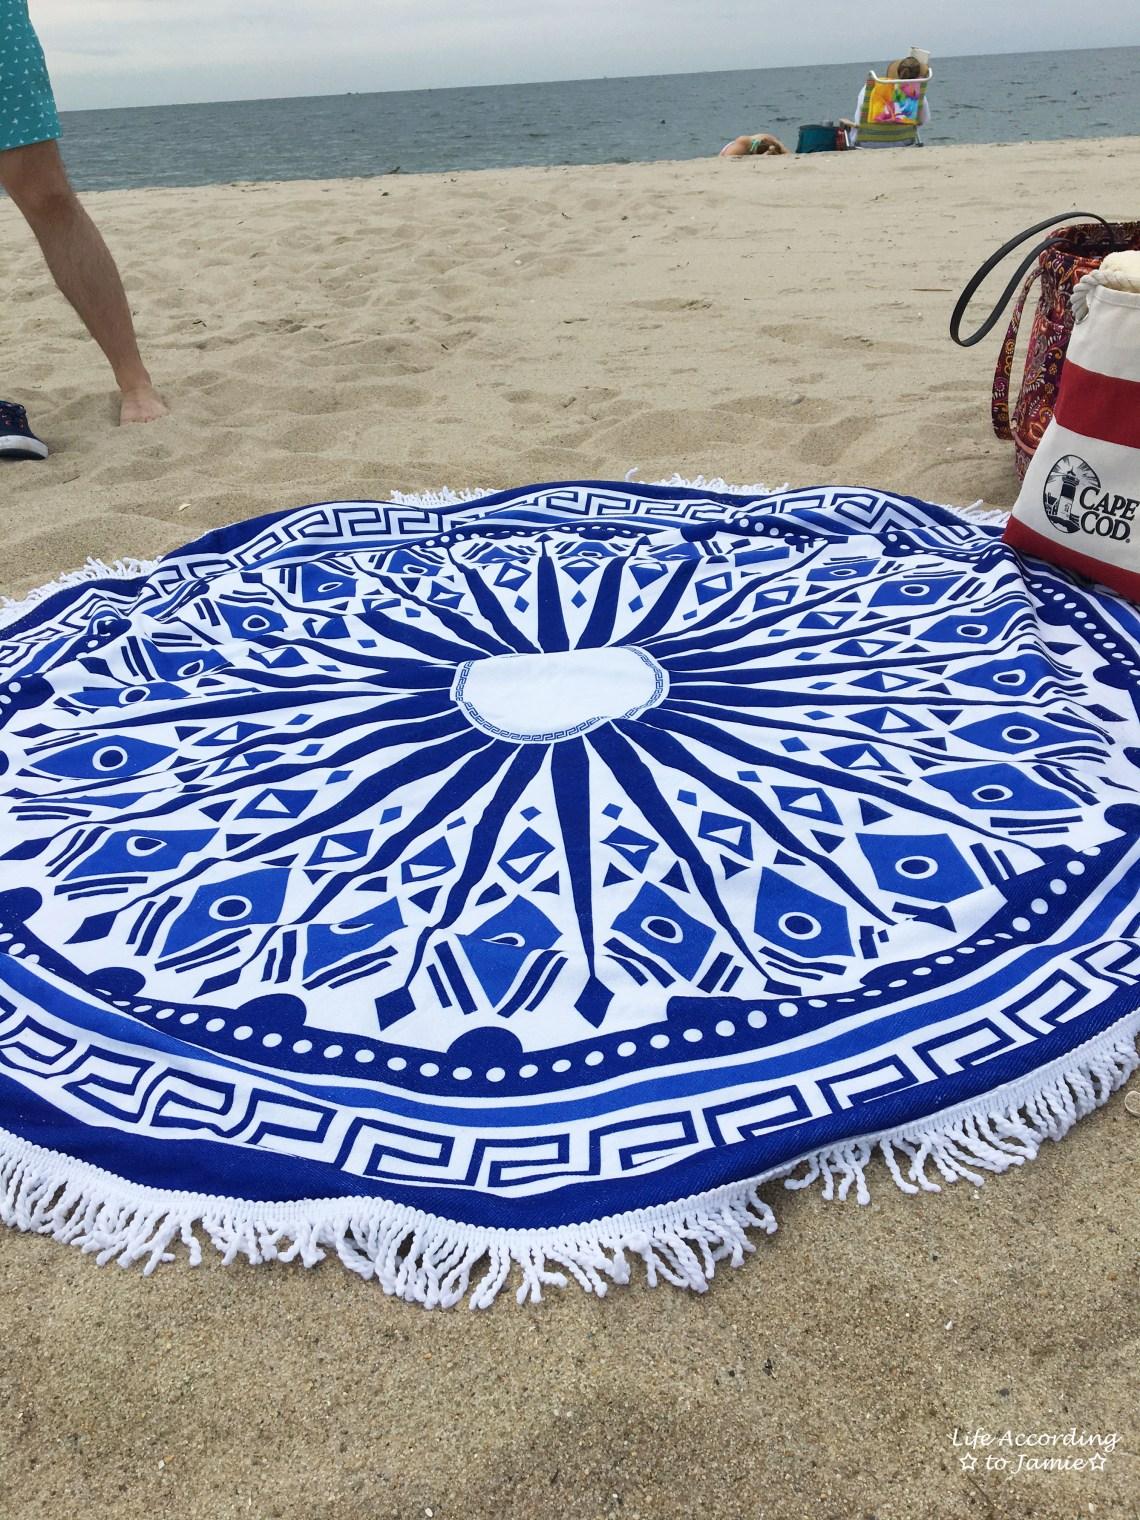 Blue + White Circle Beach Blanket